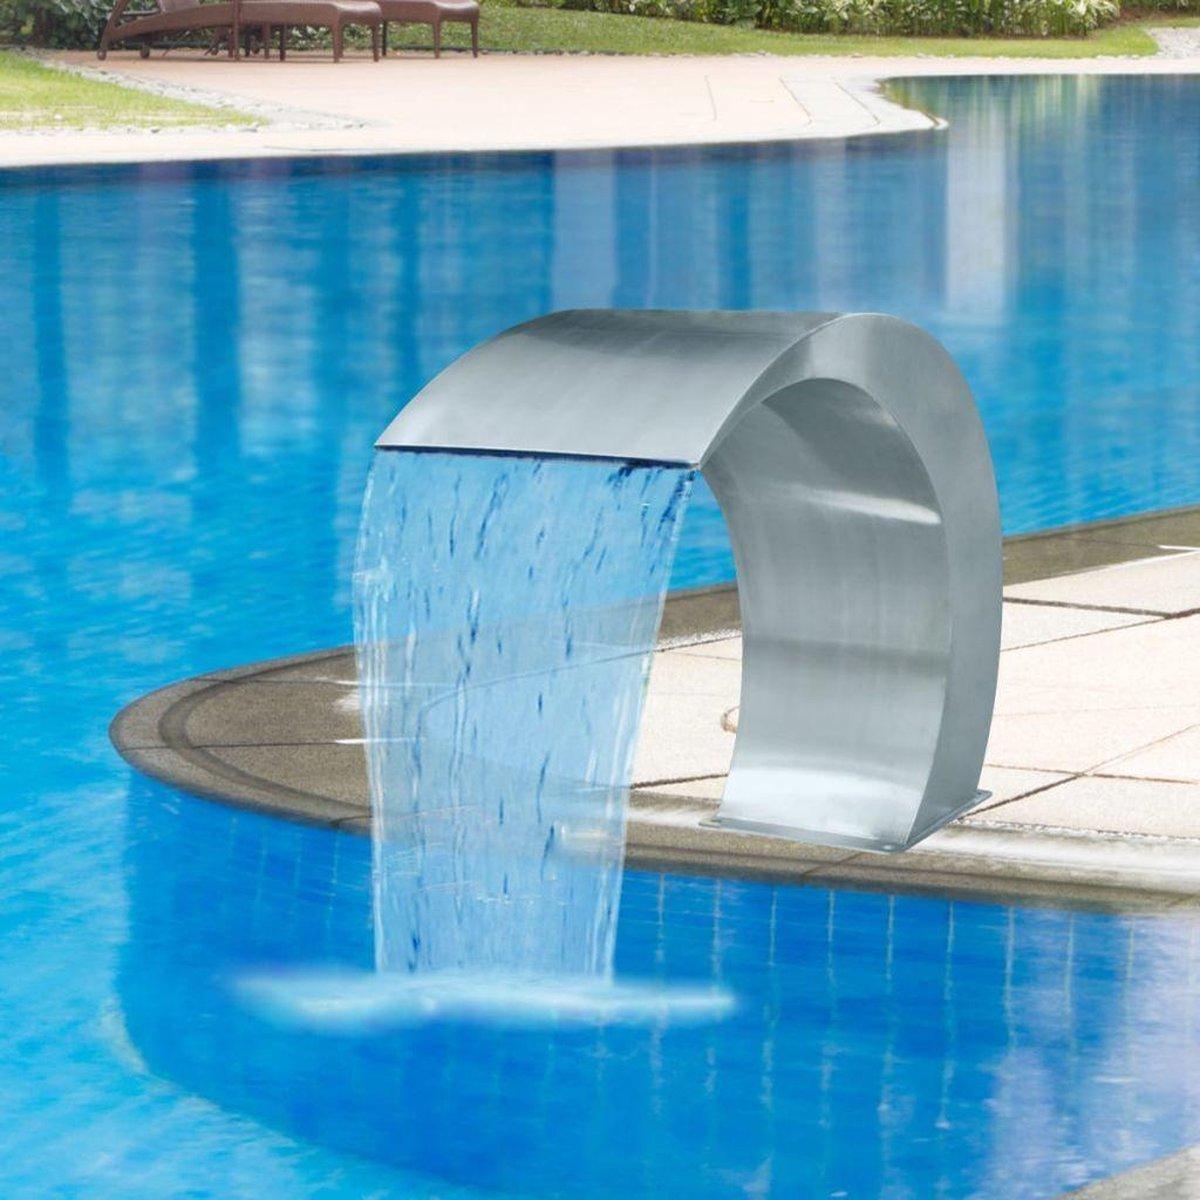 Tuin Waterval 45x30x60cm Roestvrijstaal - Zwembad fontein - Zwembad Waterval - Vijverwaterval - Waterval voor vijver -